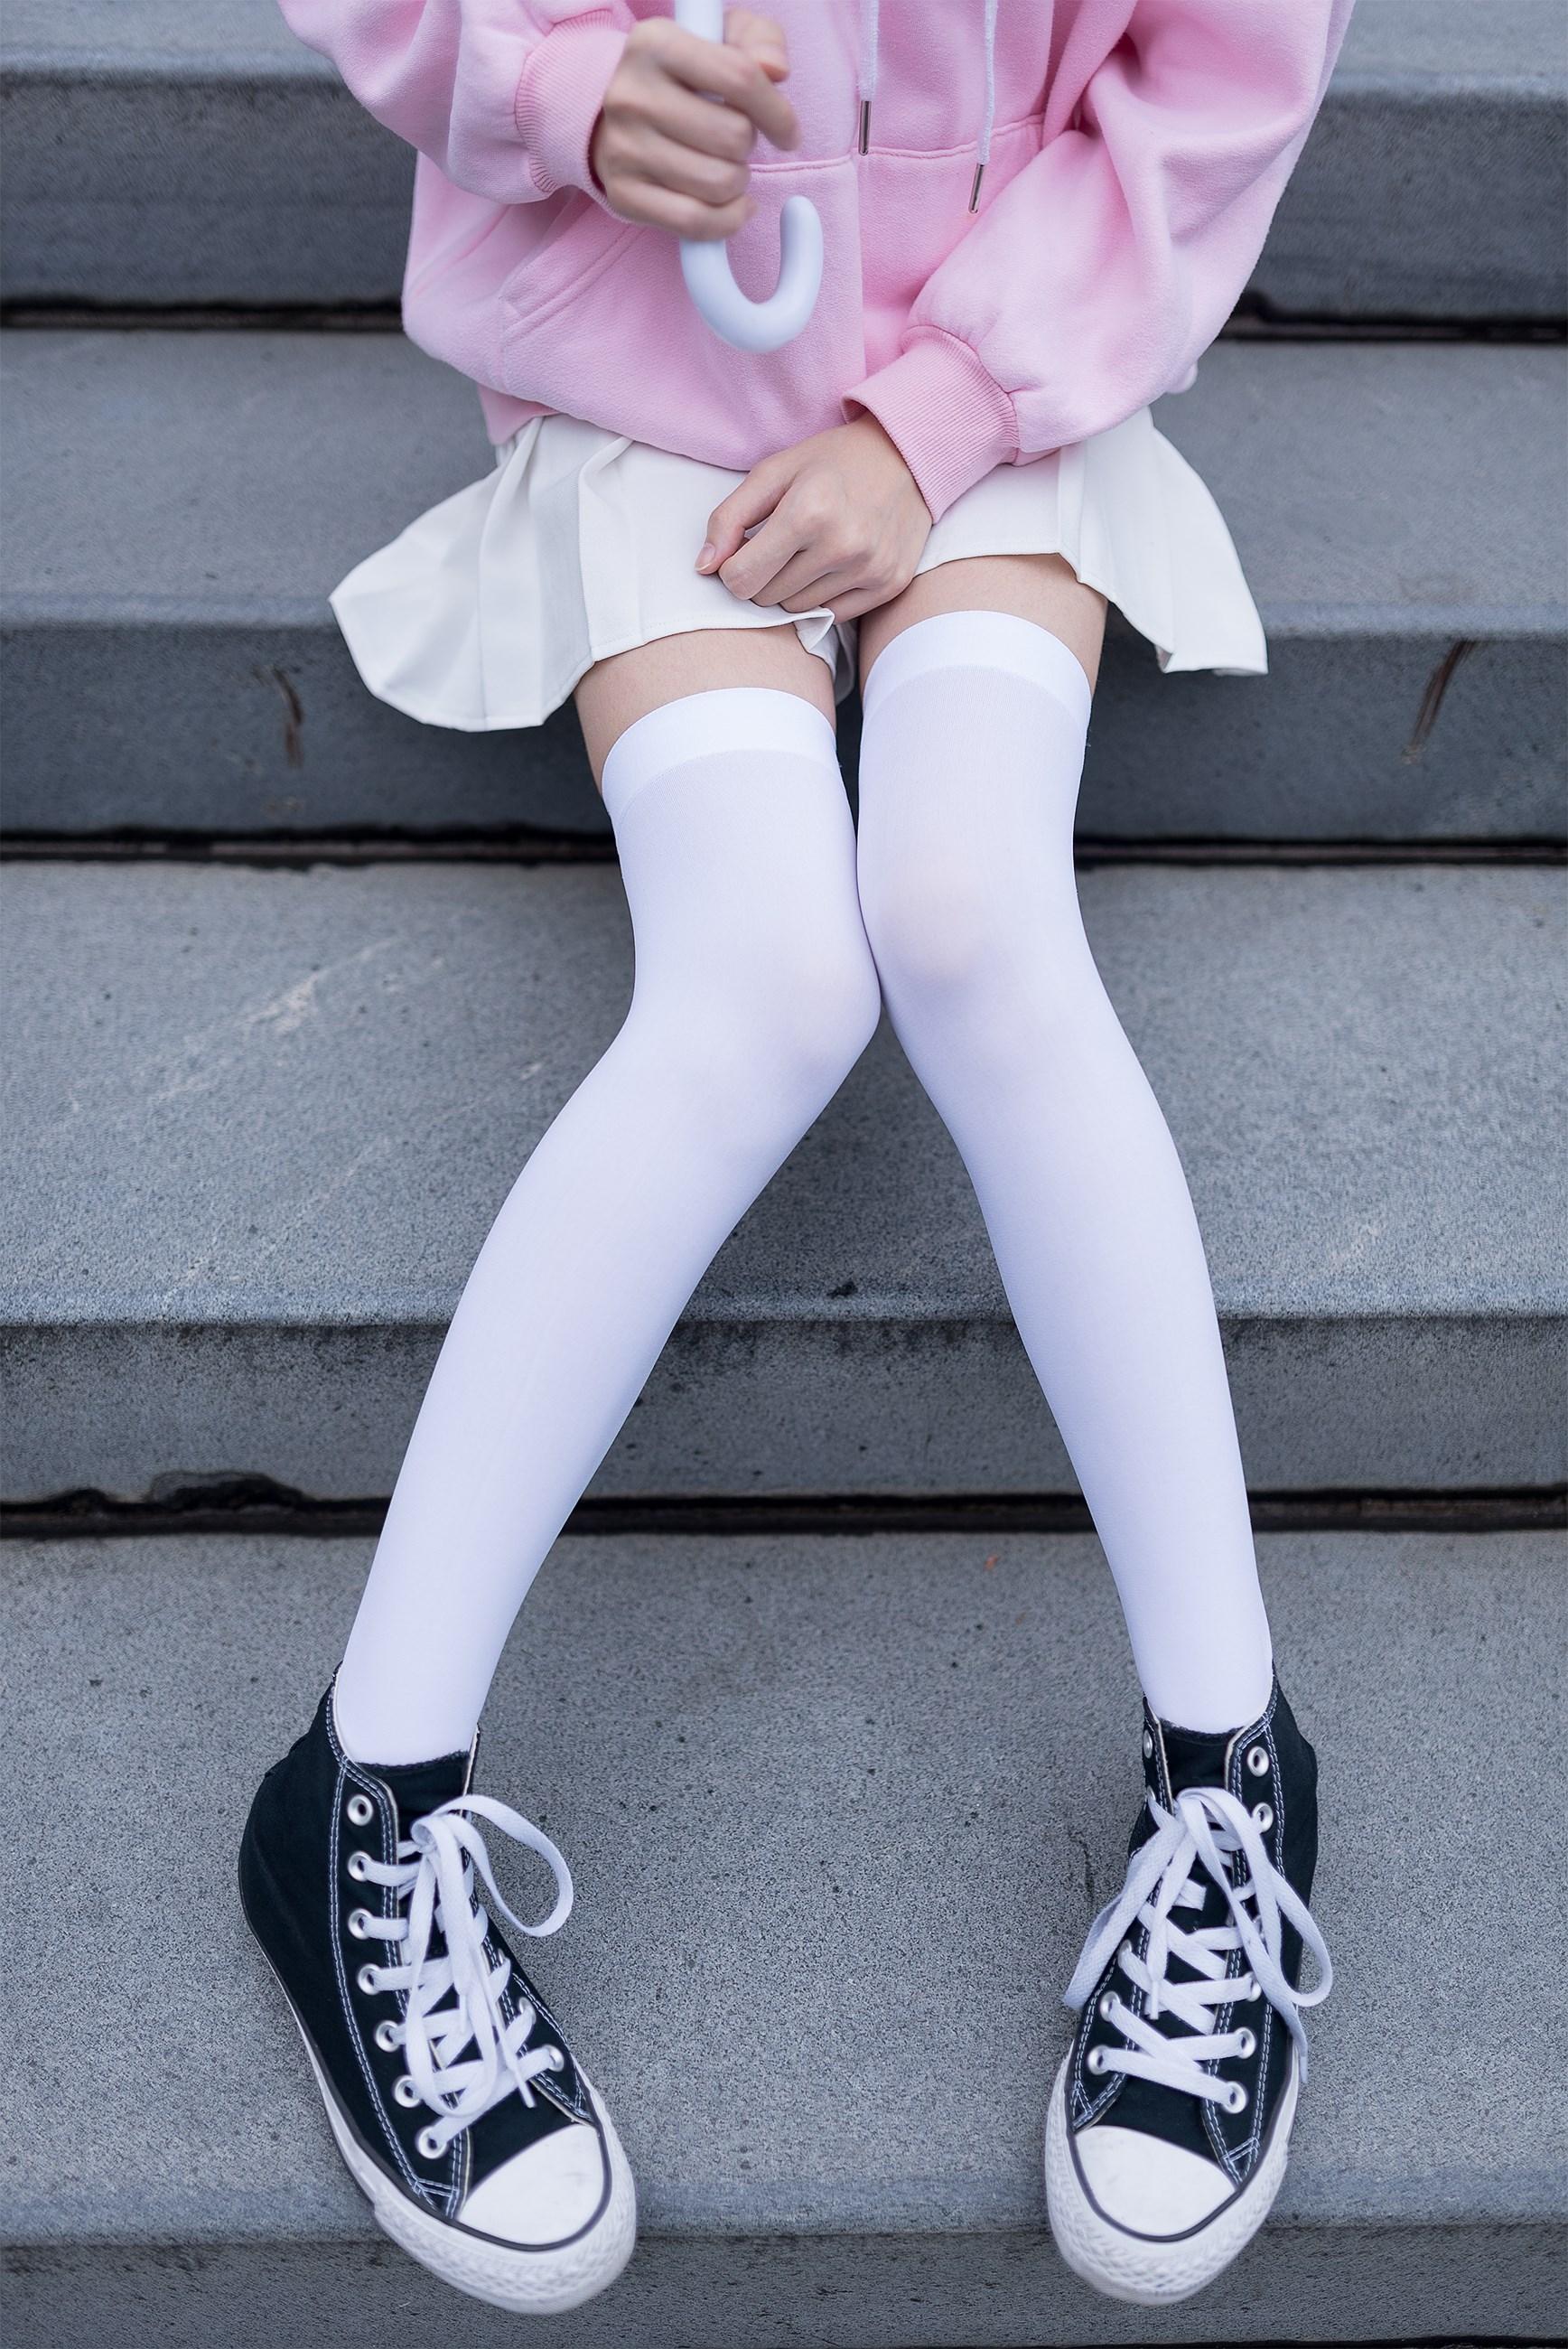 【兔玩映画】白裙子 兔玩映画 第35张